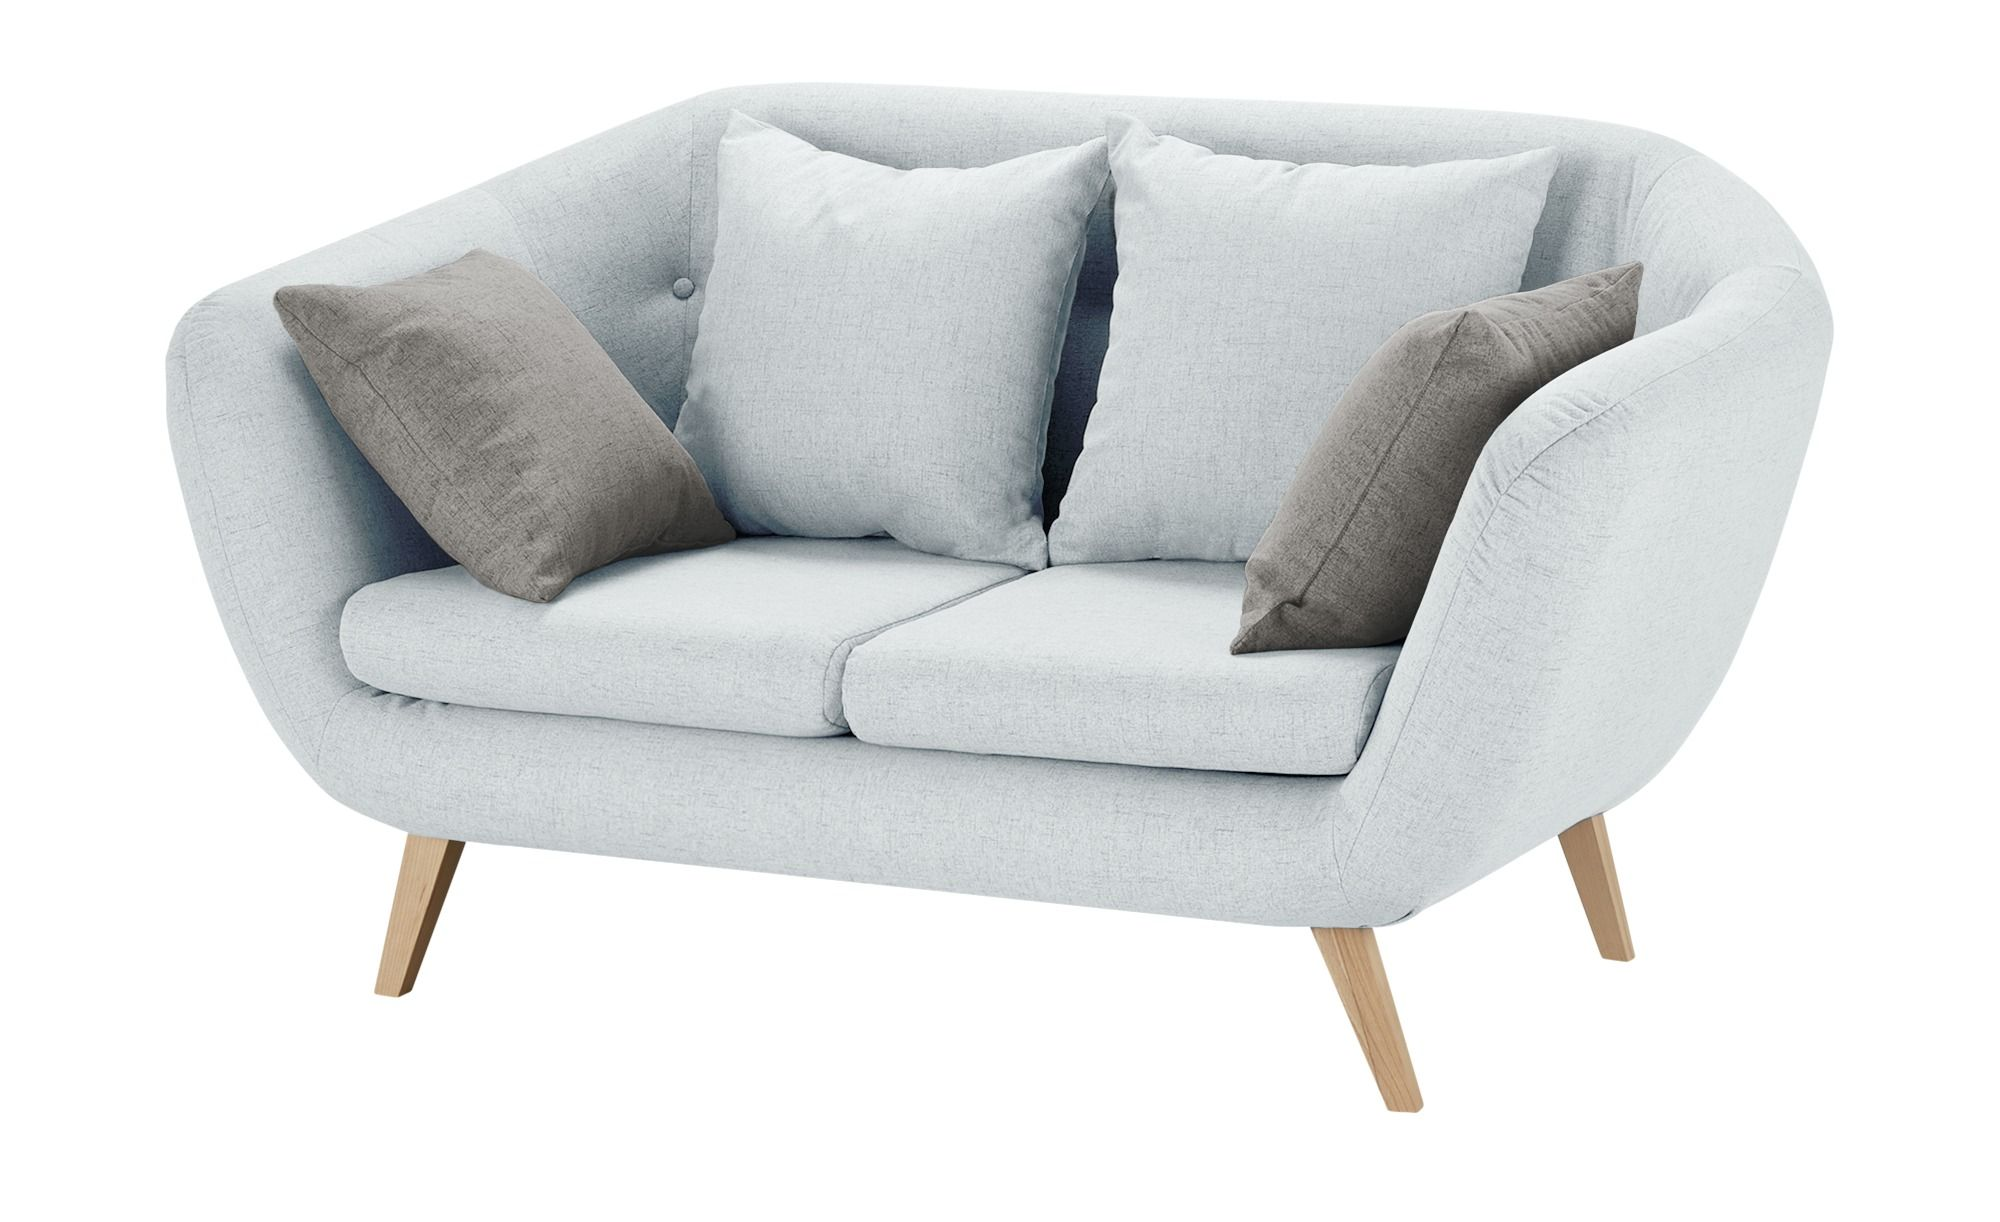 Smart Sofa Blau Flachgewebe Ricarda Sofa Beige Sofa Leder Wohnzimmer